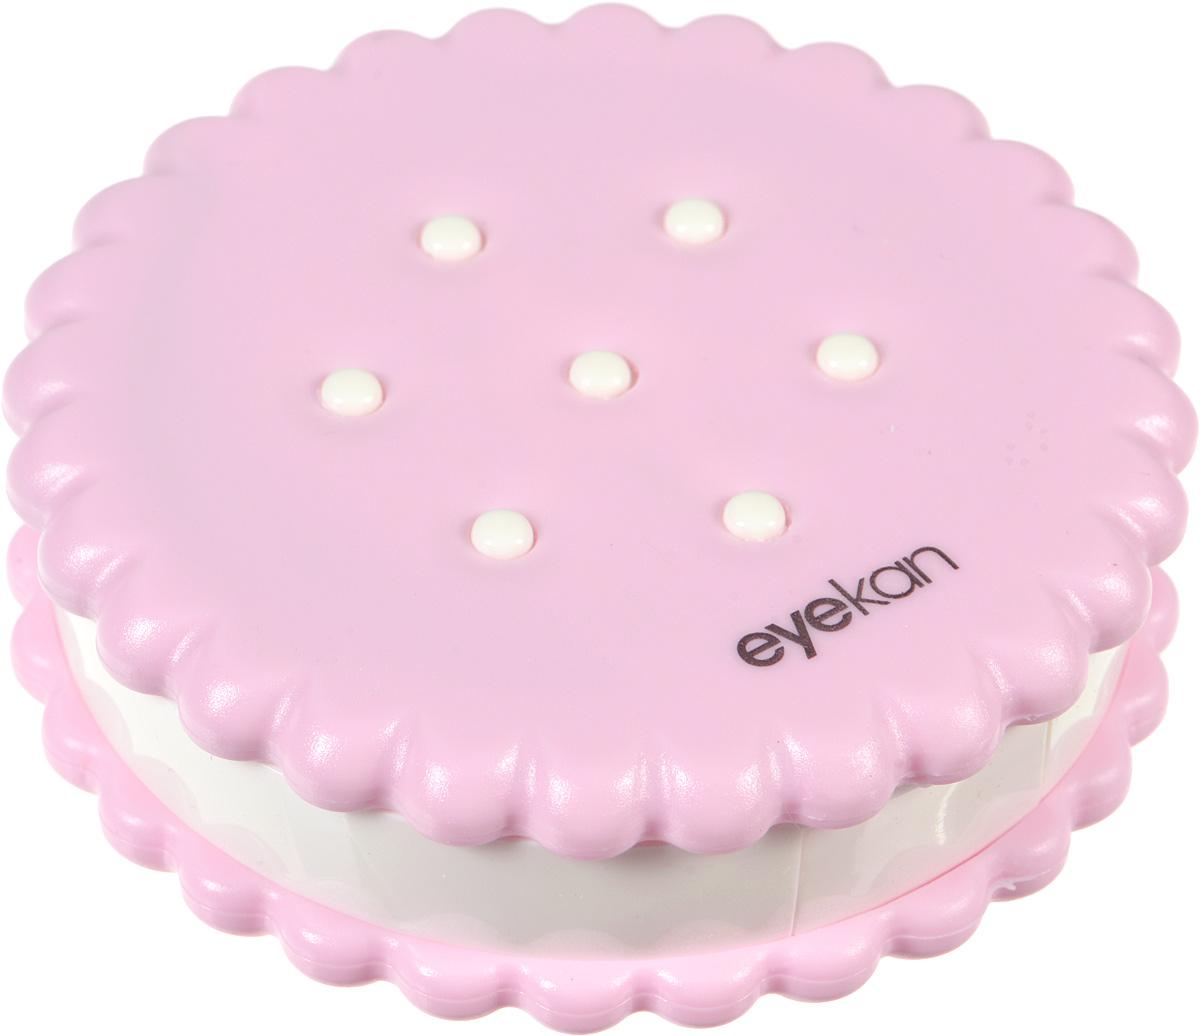 Контейнер для контактных линз Kawaii Factory Cookie, цвет: розовый. KW007-000114KW007-000114Если вам очень хочется окружить себя яркими красивыми вещами, то контейнер для контактных линз Cookie от Kawaii Factory как ничто другое поможет справиться с этой задачей. Контейнер выглядит, как аппетитный десерт, и будет приносить радость и поднимать настроение. В этой забавной печенюшке прекрасно помещается все необходимое для ухода: раздельные контейнеры под линзы, зеркало, пинцет, палочка с мягким наконечником и флакон для раствора. Корпус изделия выполнен из пластика и закрывается на удобную защелку, он надежно сбережет ваши линзы от неприятных повреждений. Для удобства использования емкости контейнера обозначены буквами L и R.